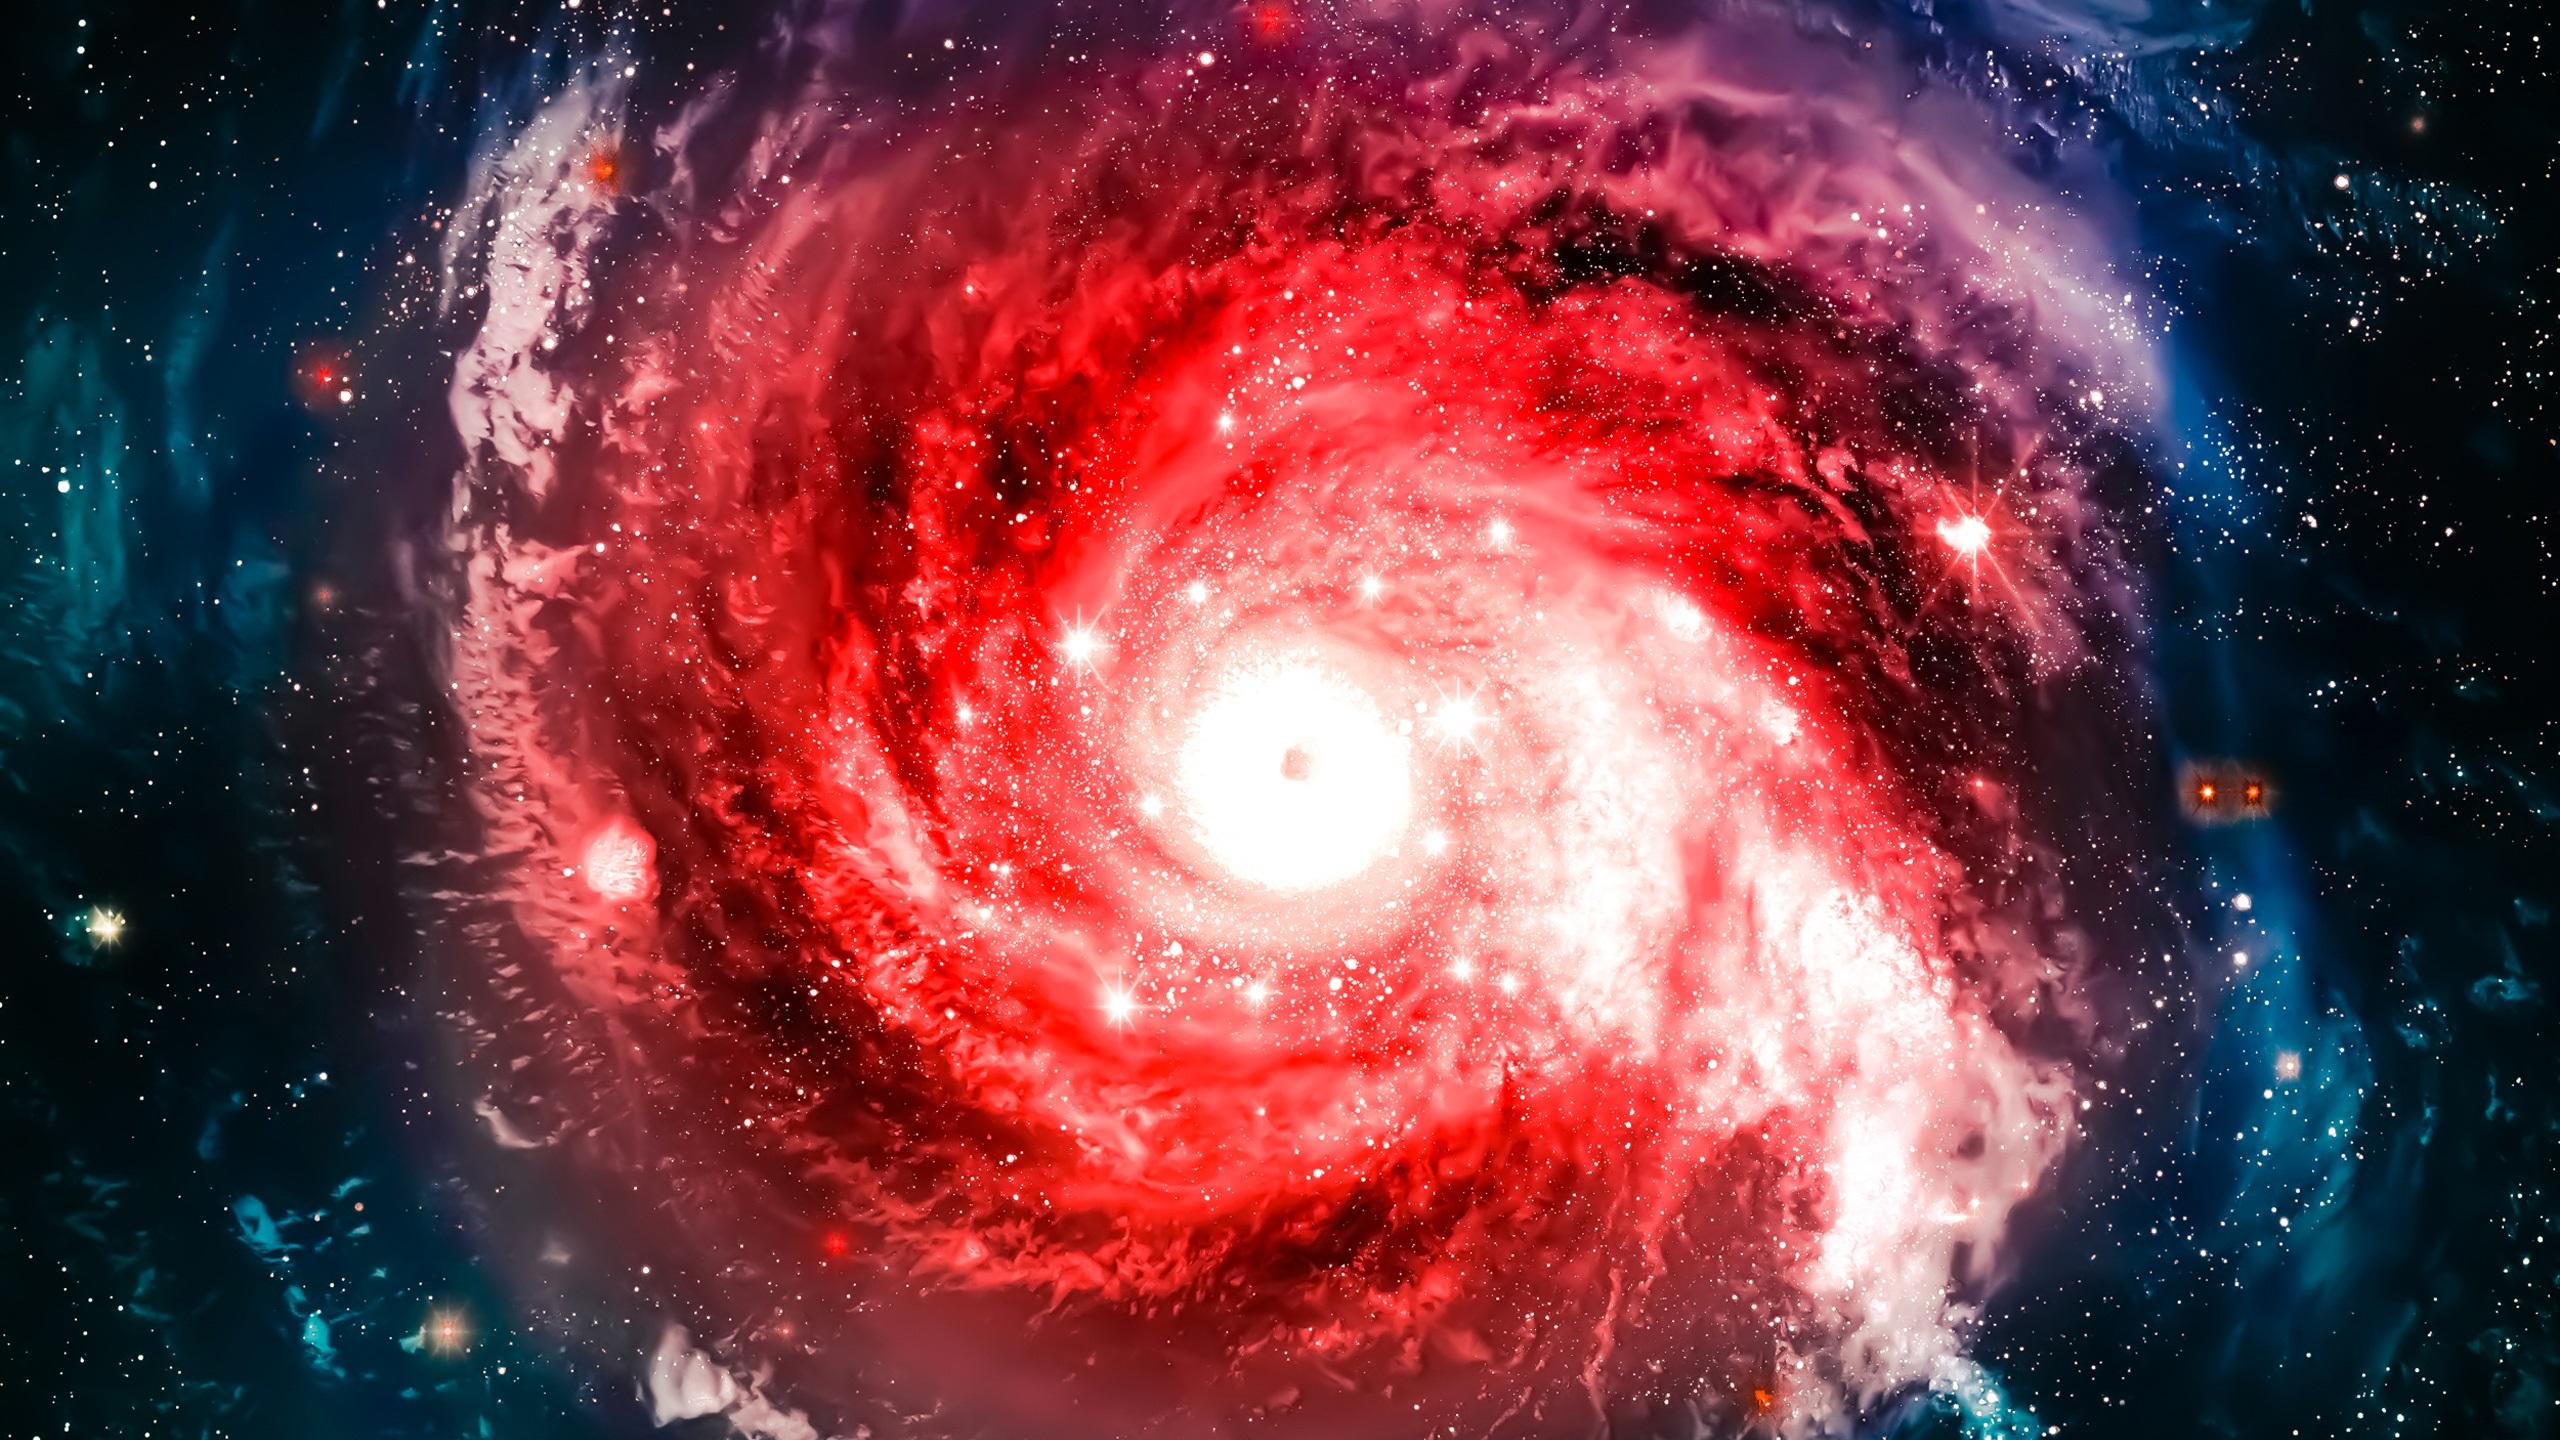 nebula 2560x1440 - photo #31